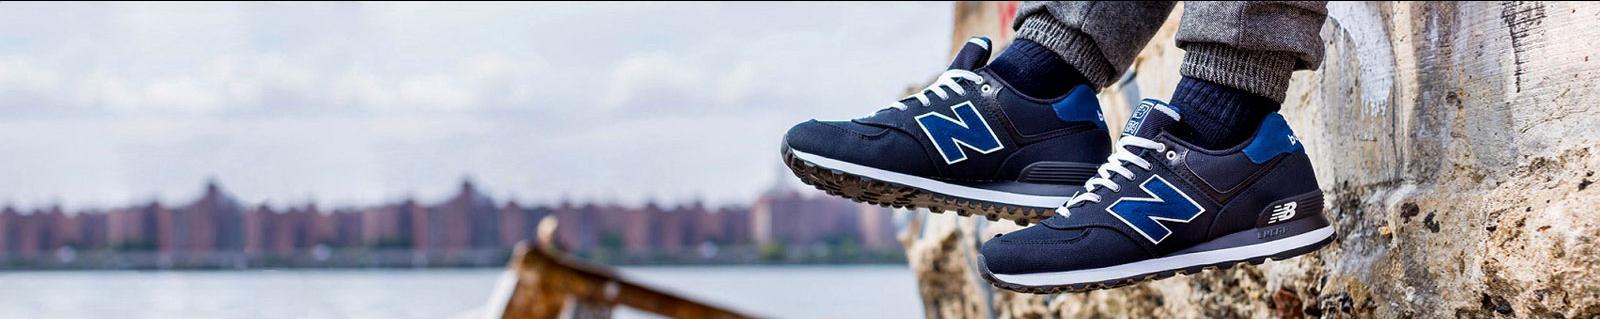 NEW BALANCE cipő 22548ba5be